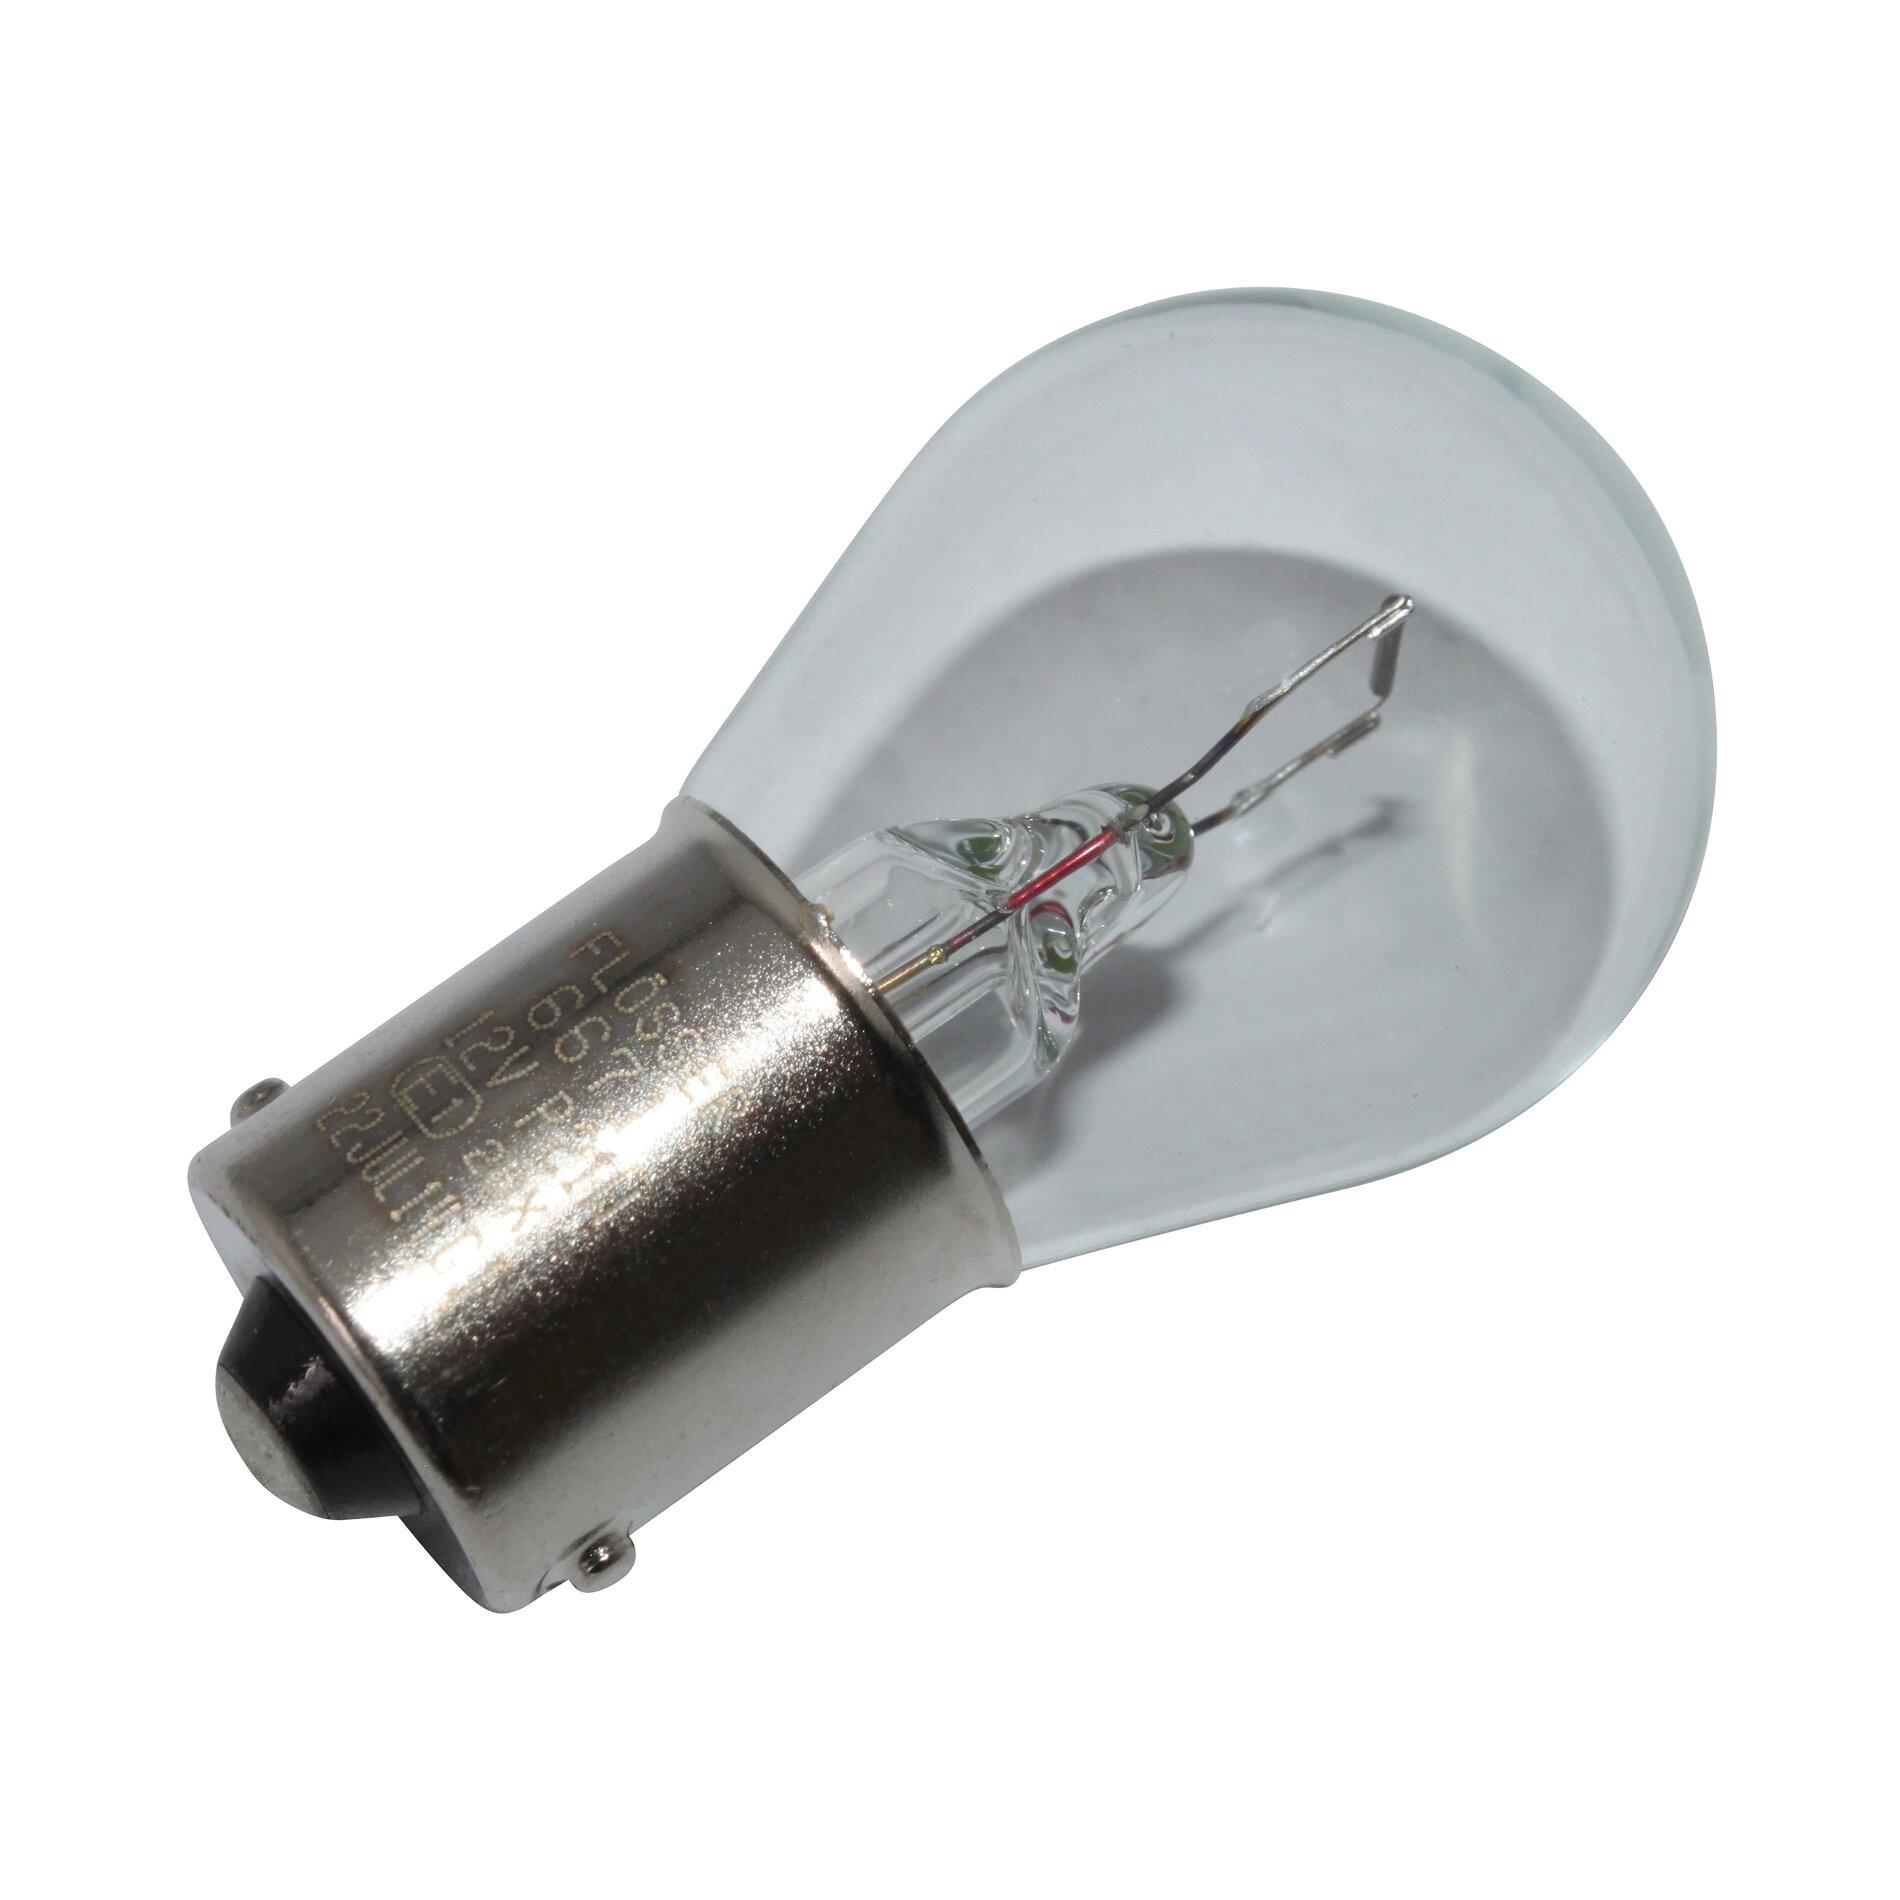 Ampoule flosser BA15S 12v 21w